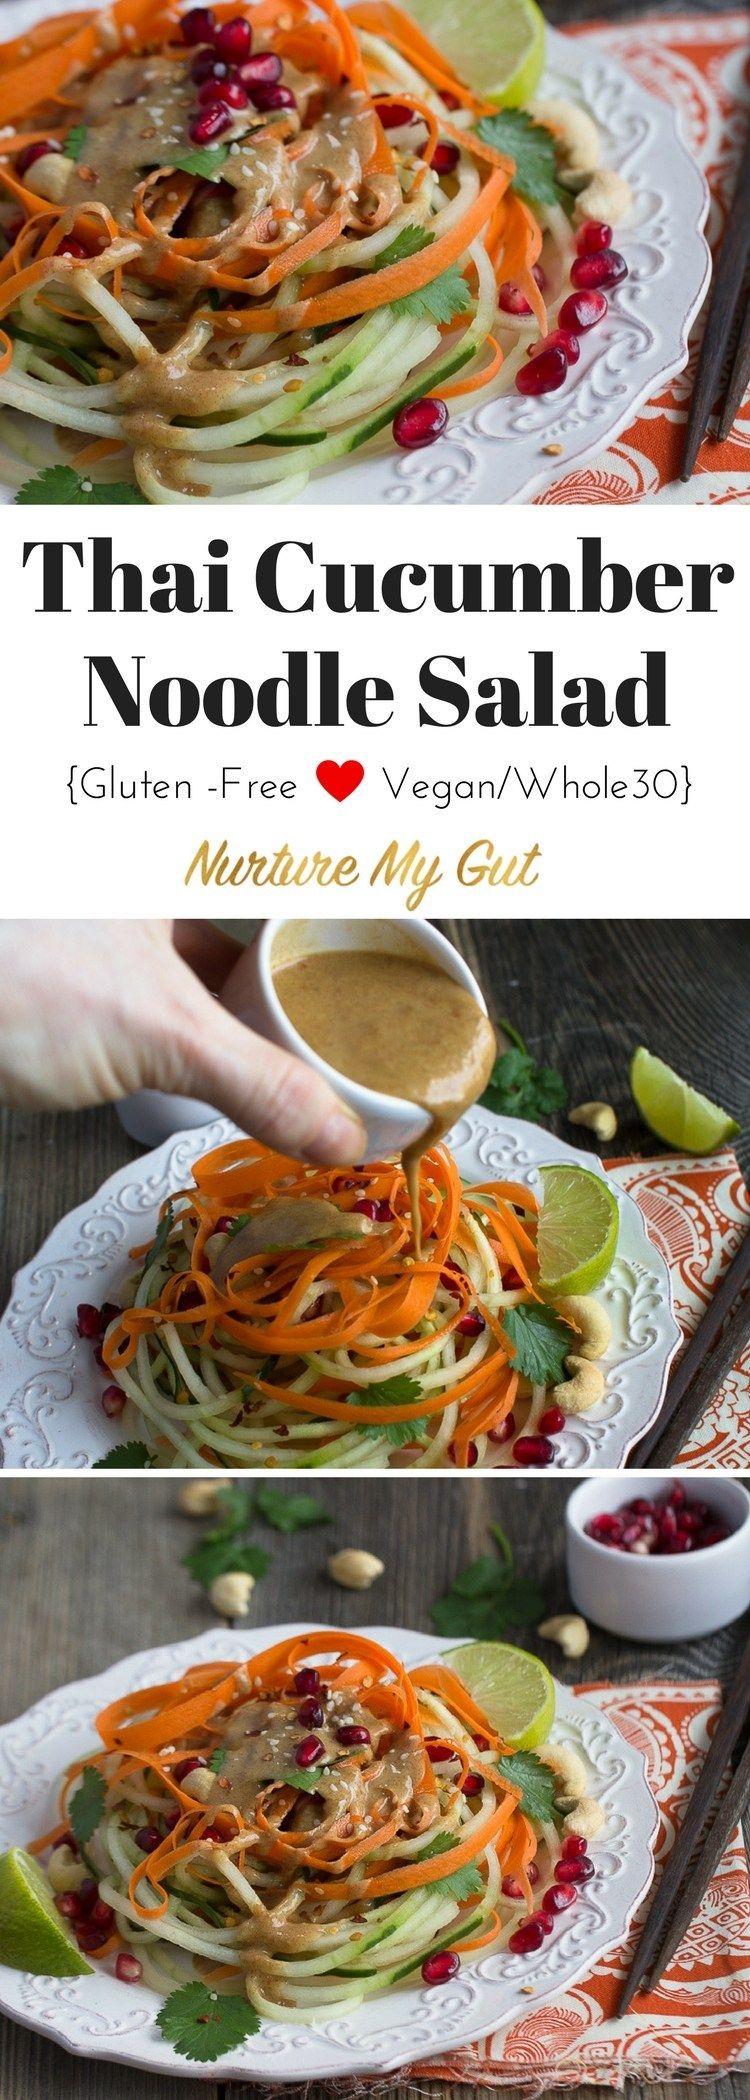 thai-cucumber-noodle-salad   Nurture My Gut